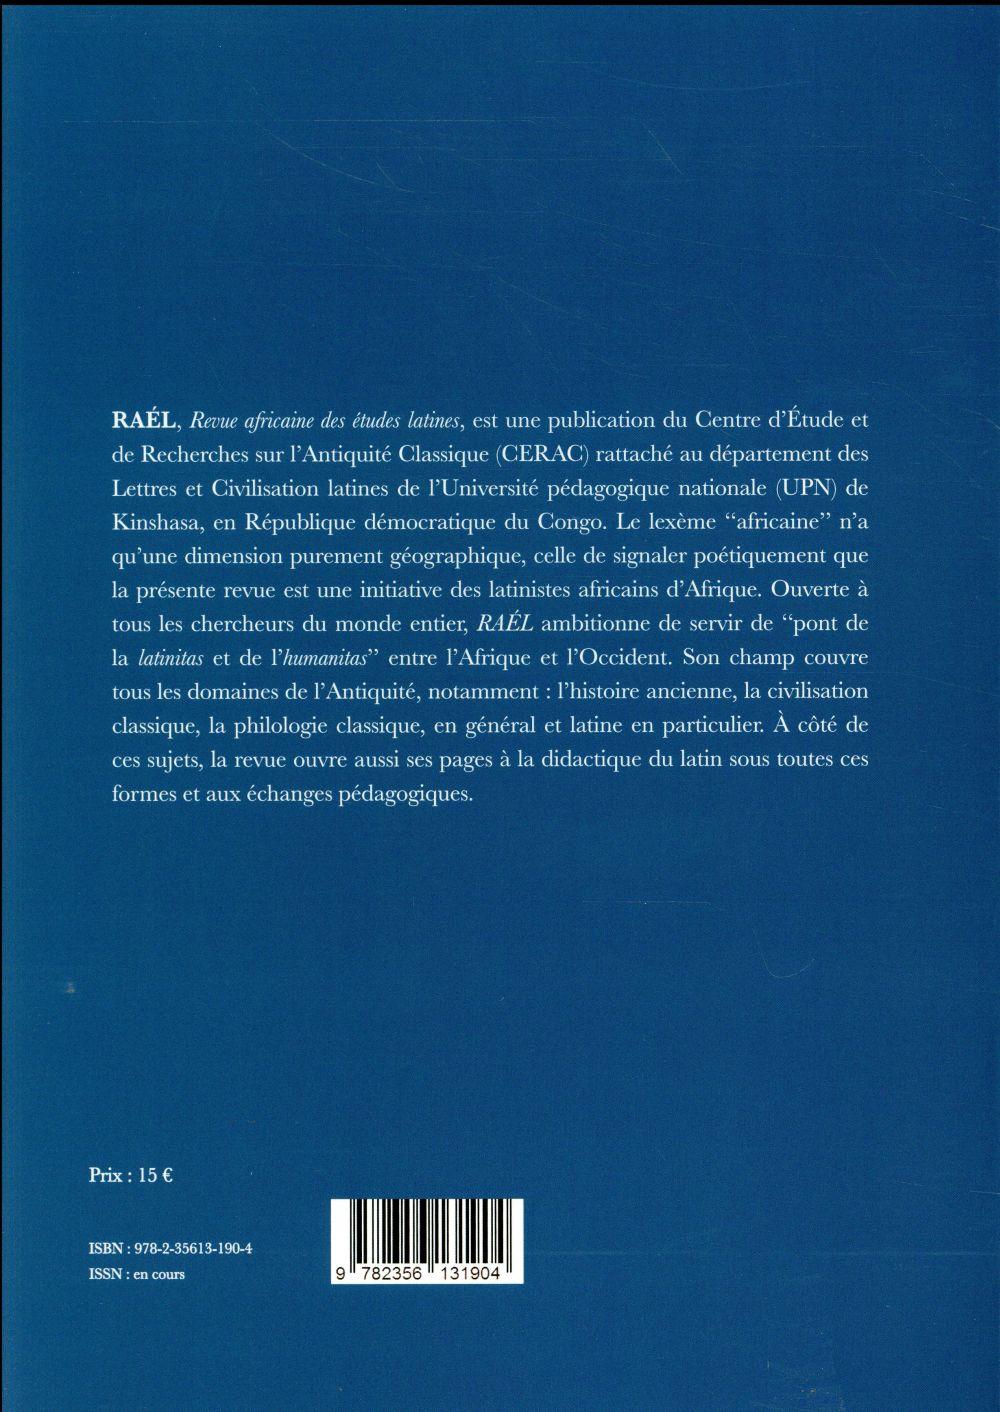 Raél ; revue africaines des études latines